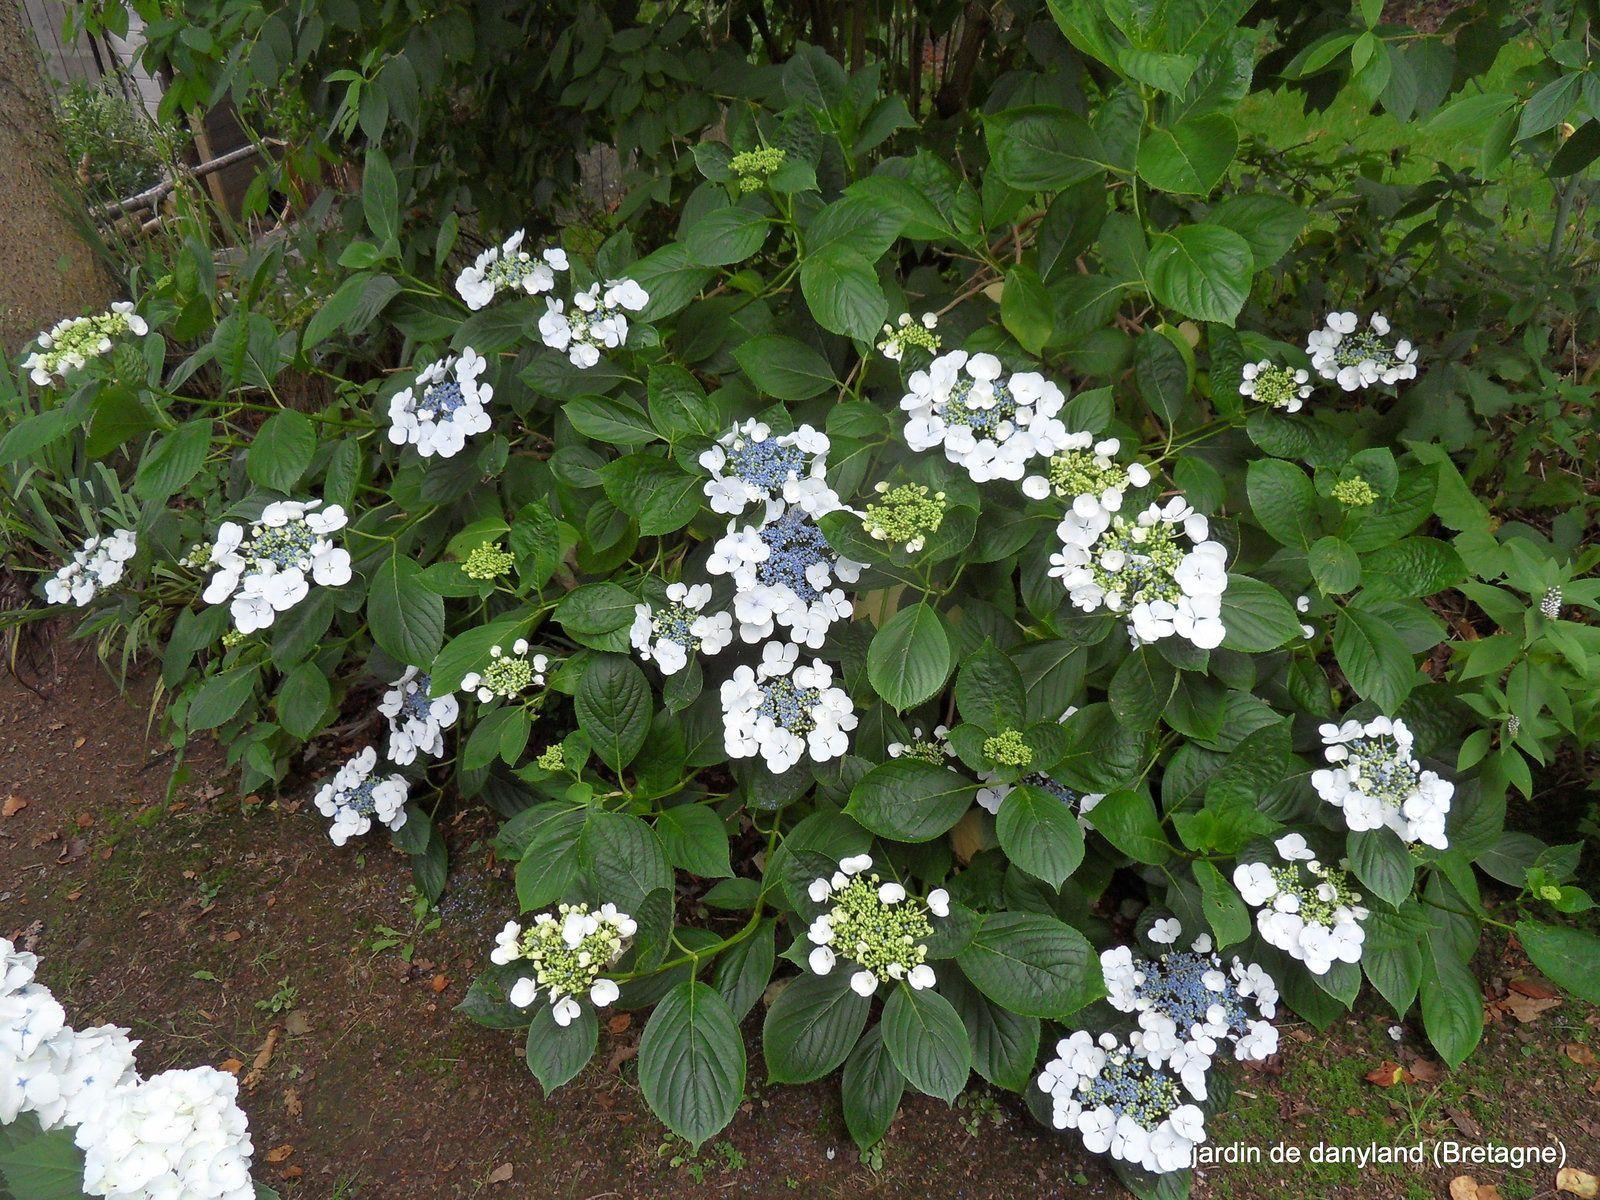 le jardin et ses hortensias en juillet